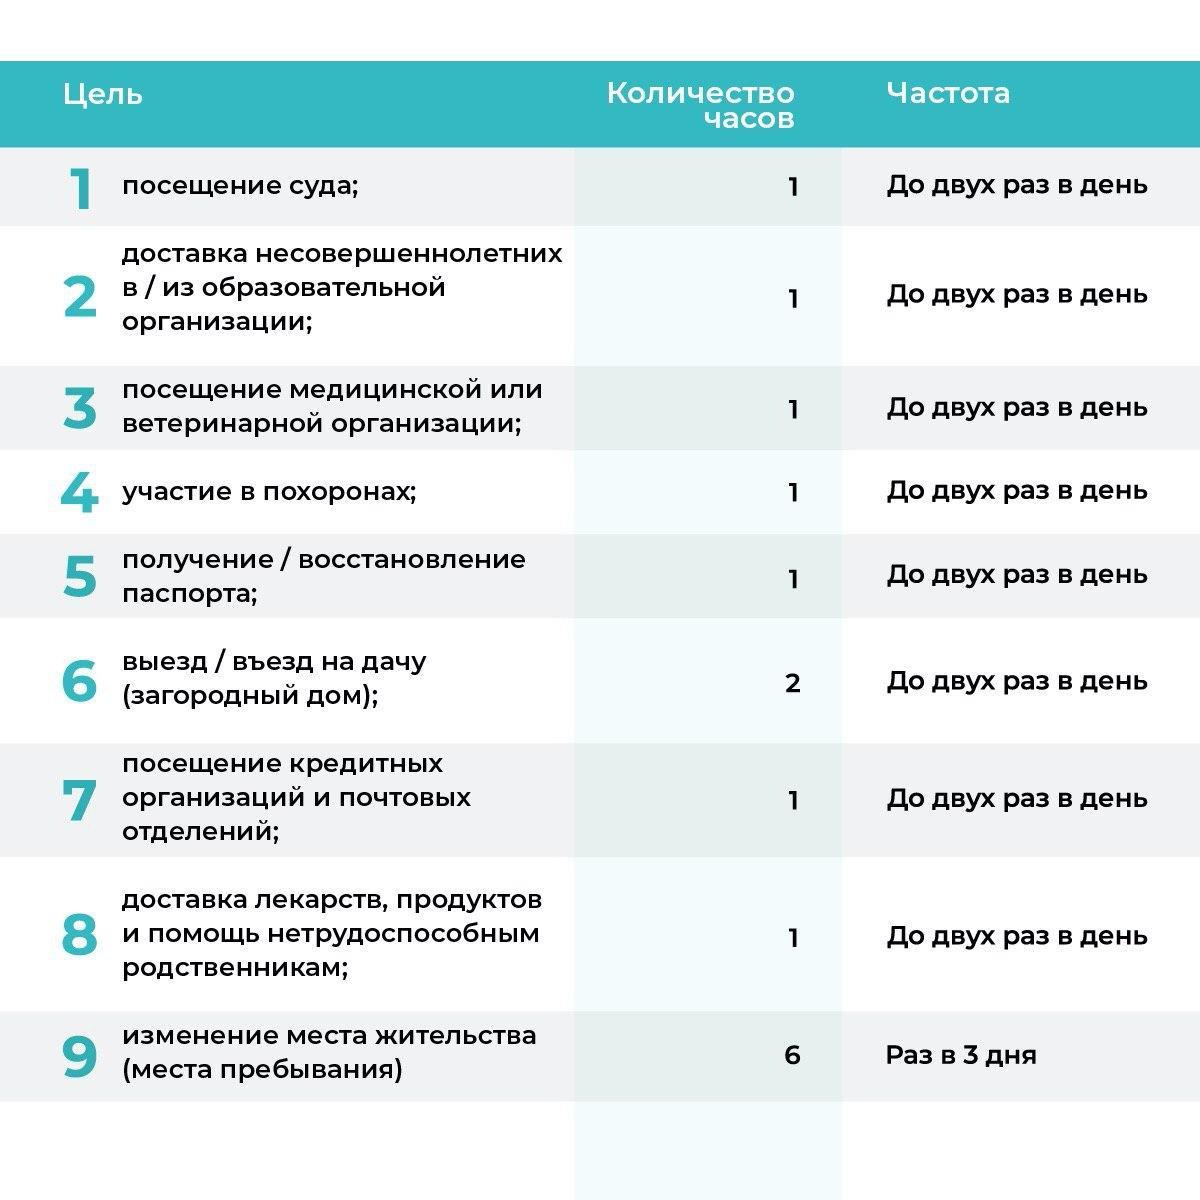 Фото: телеграм-канал Коронавирус в Татарстане.